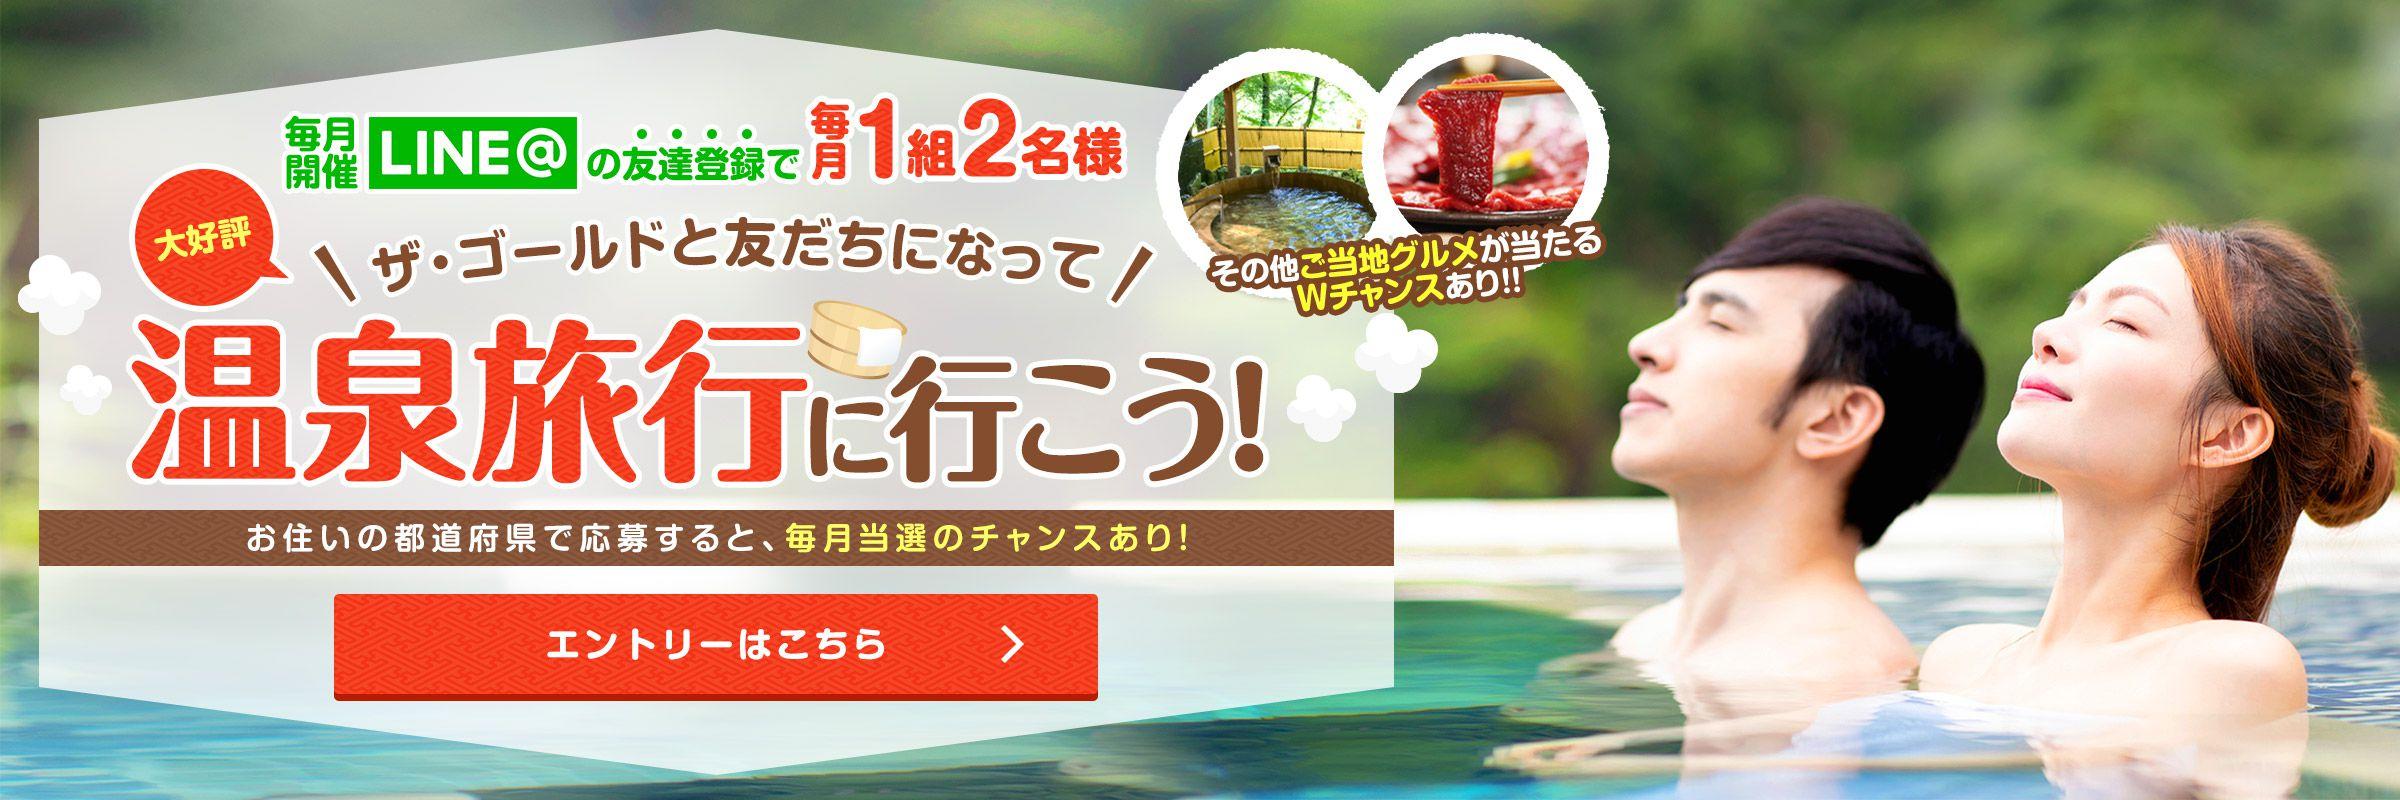 LINE@話題の温泉旅行が当たるキャンペーン!